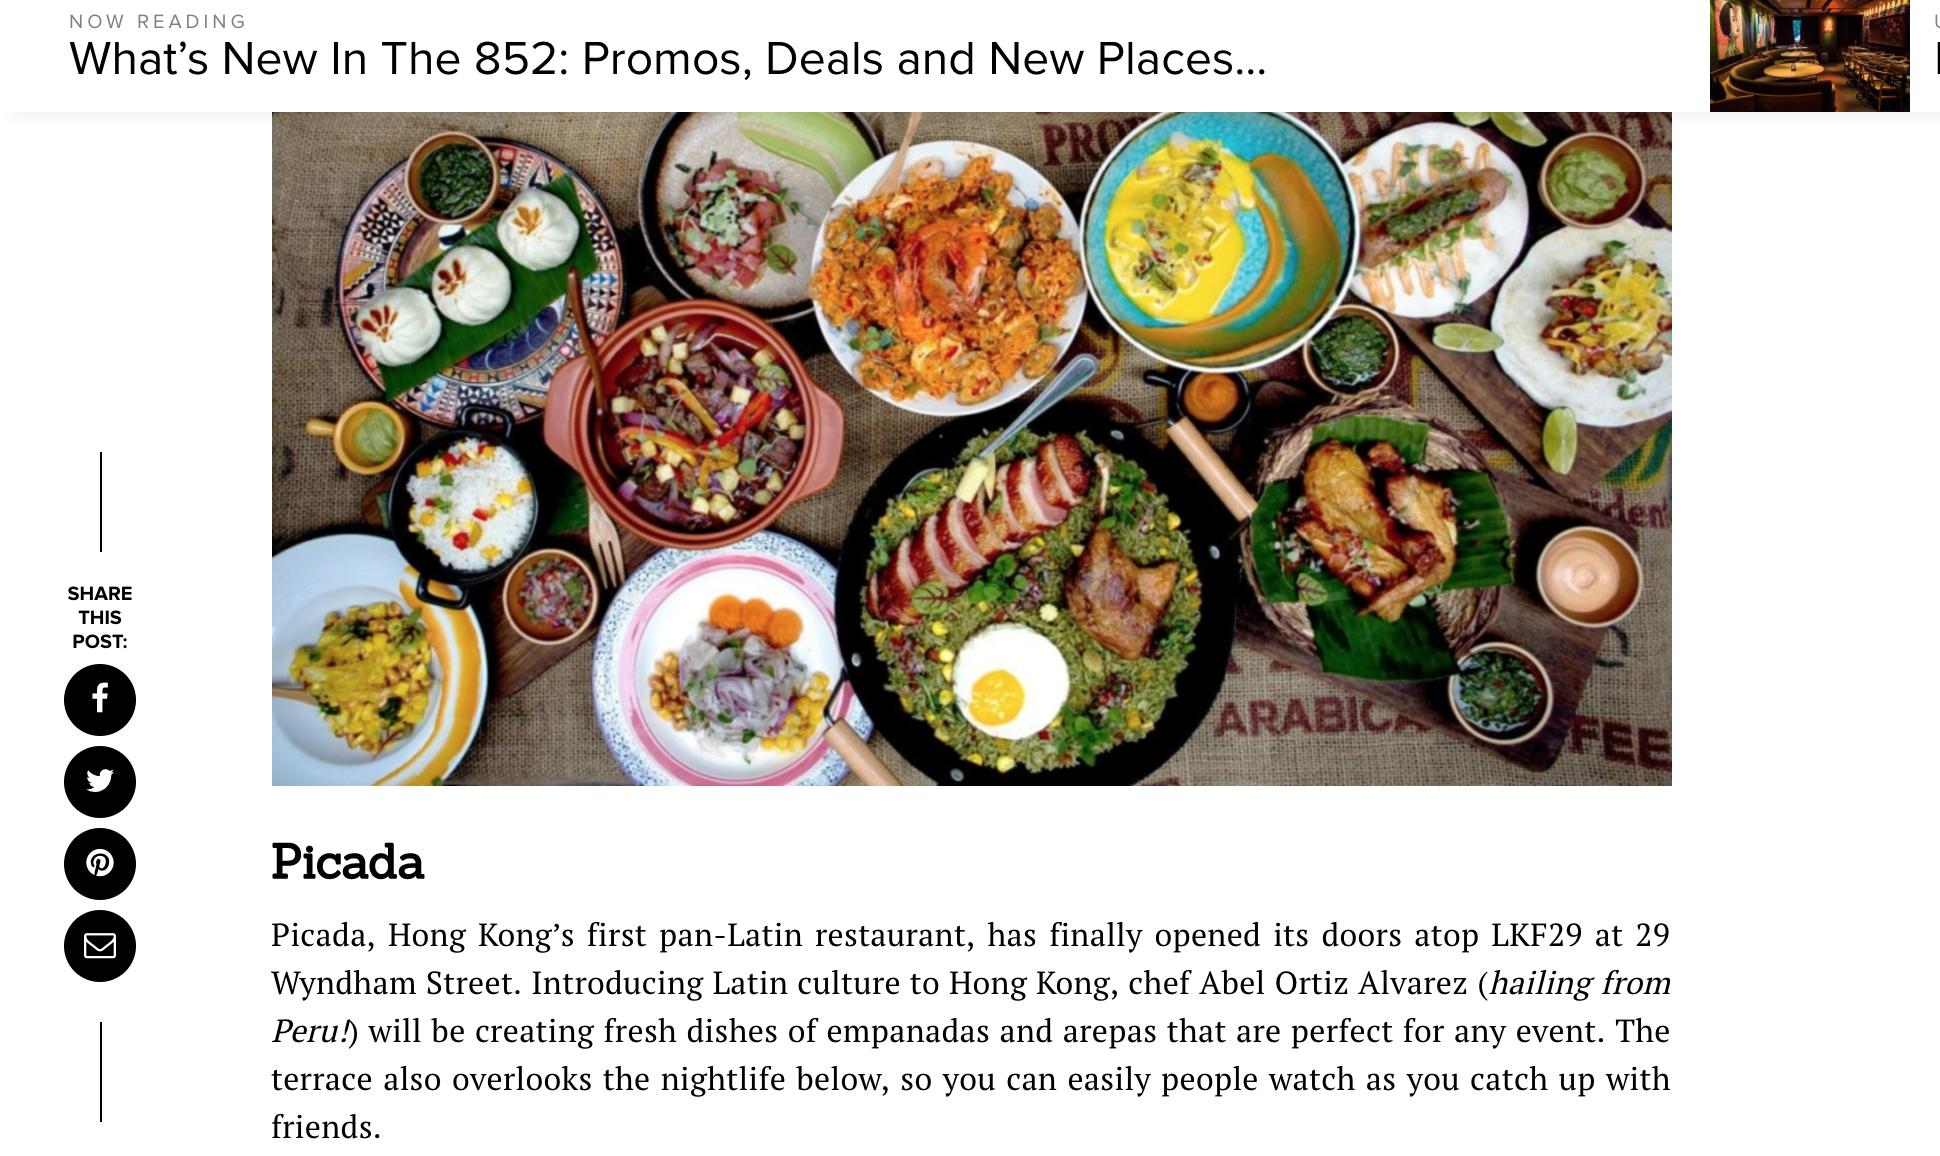 https://www.sassyhongkong.com/eat-drink-new-dining-promotions-cheap-food-deals-restaurants-hong-kong/